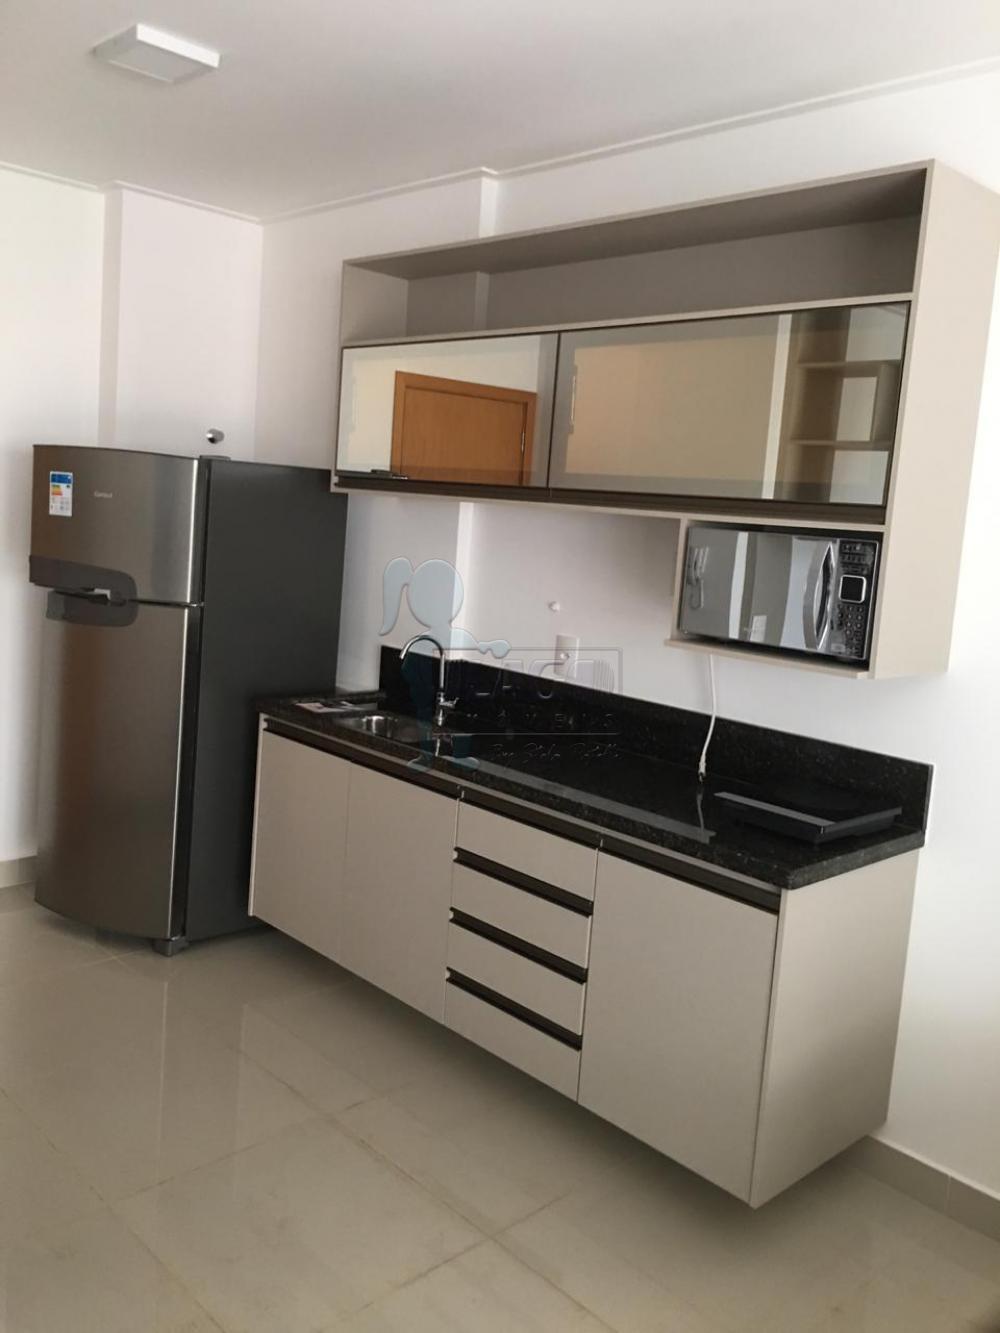 Alugar Apartamento / Kitchenet / Flat em Ribeirão Preto R$ 1.700,00 - Foto 3